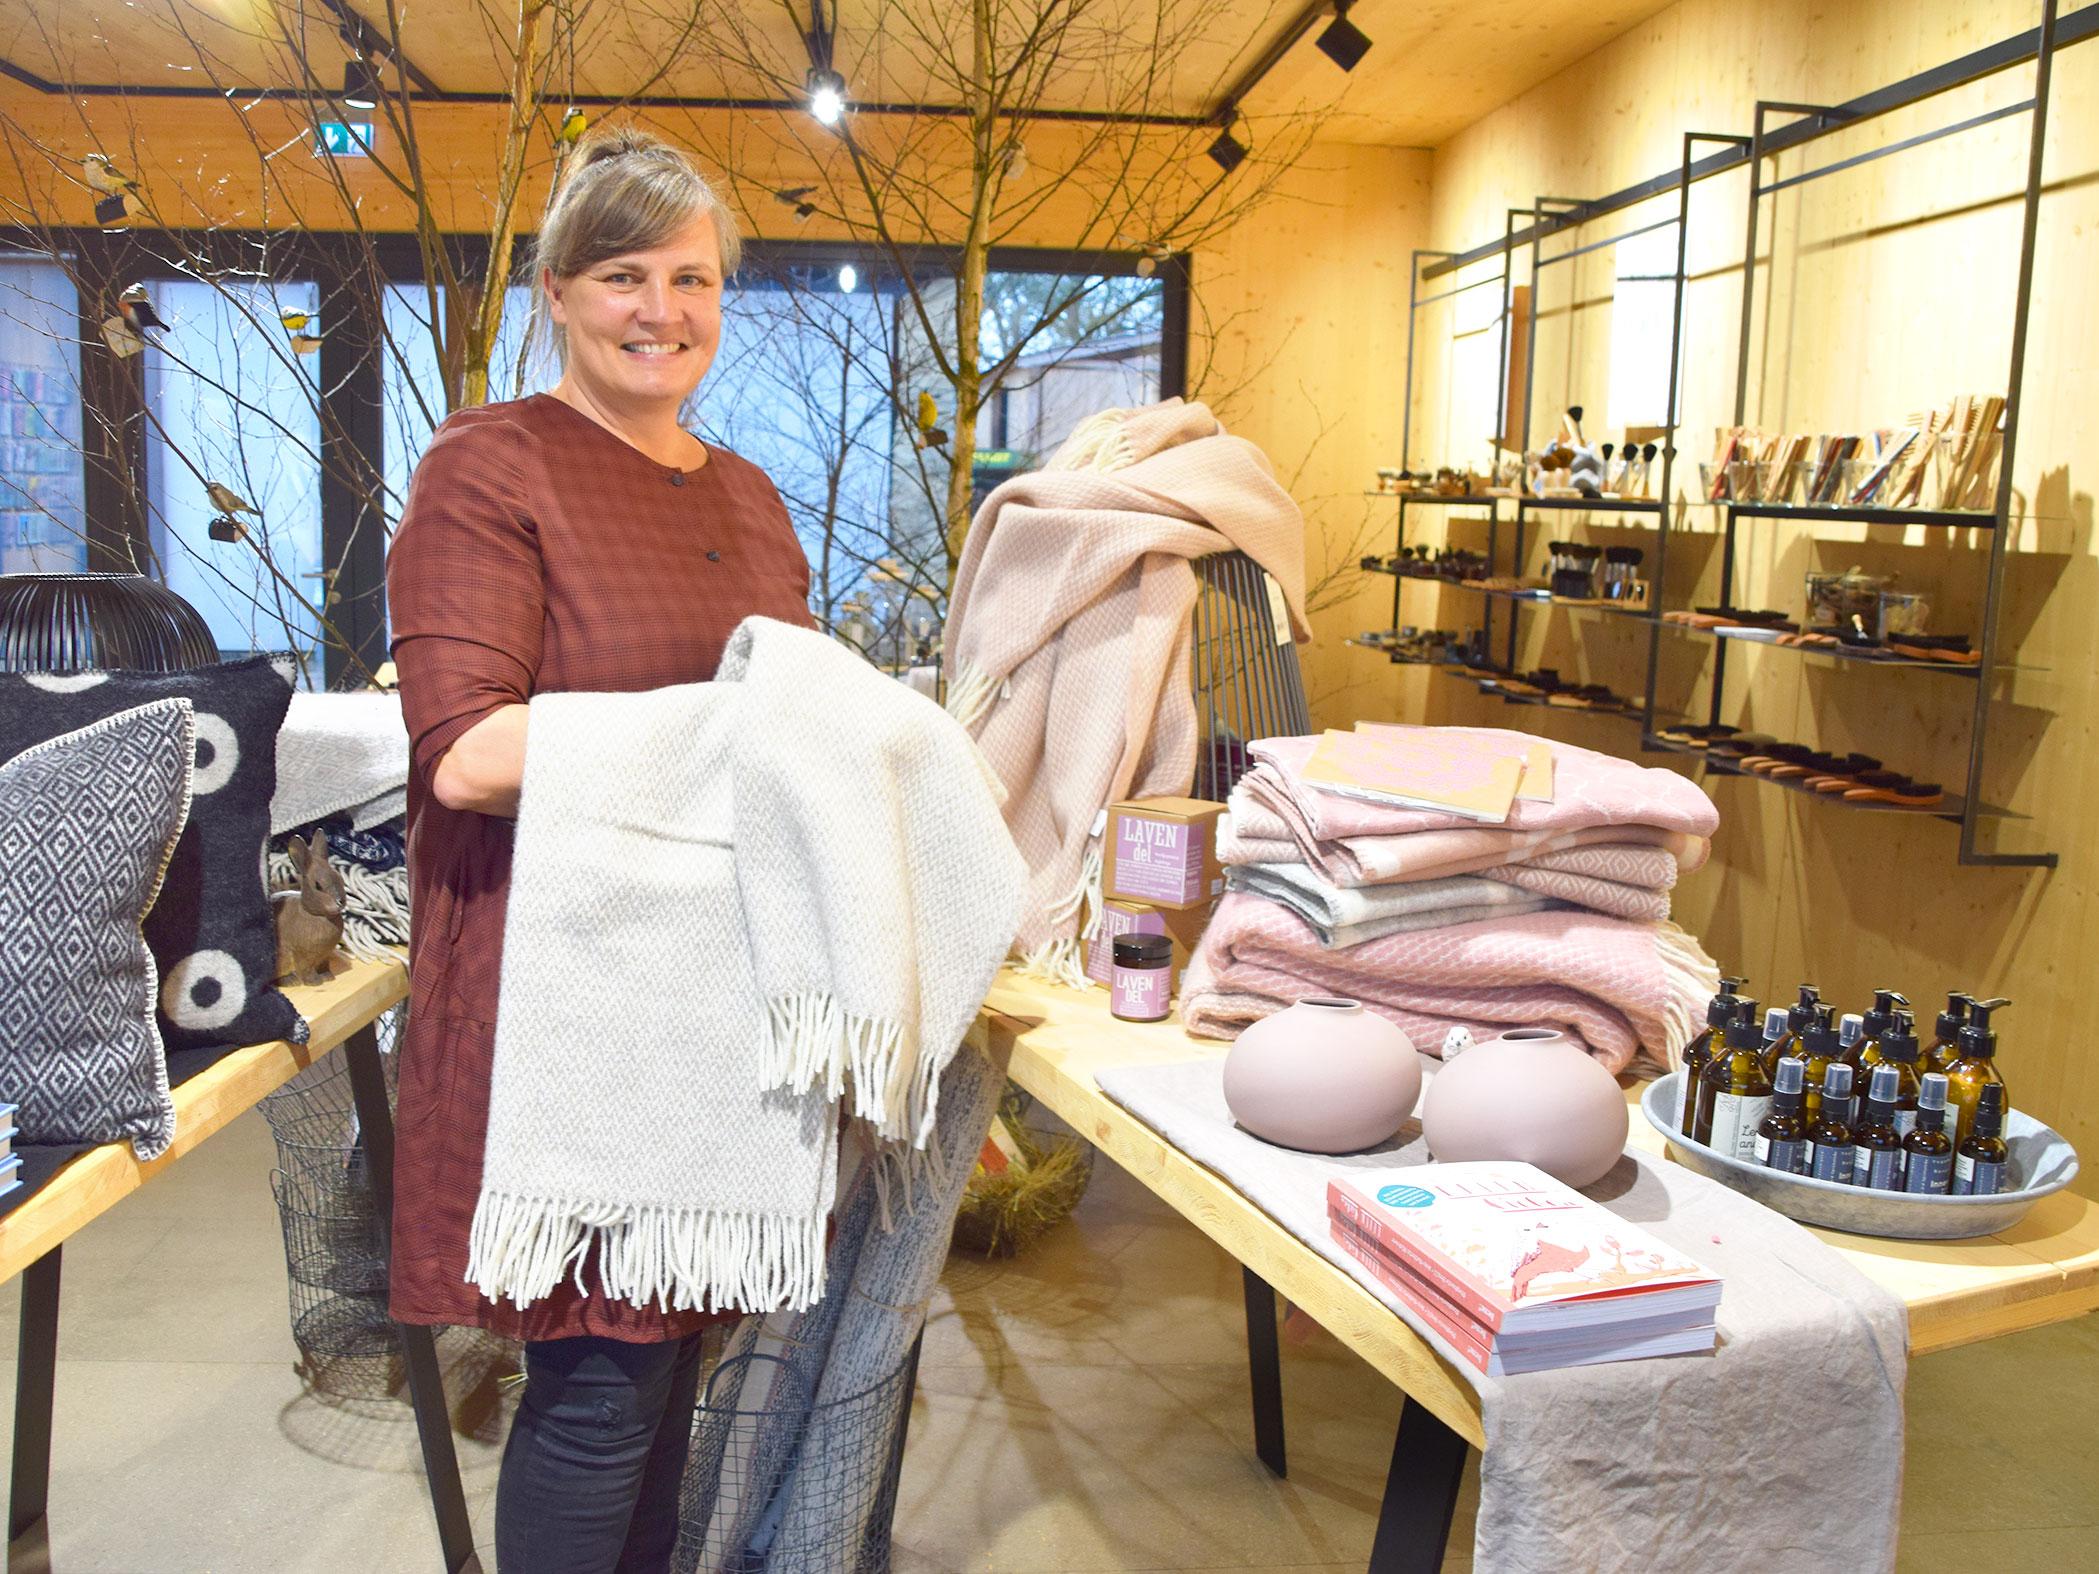 """Der Laden """"Kost Kamm"""" in Windelsbach ist eine Fundgrube für Kämme, Bürsten, Wellness- und Wohnaccessoires. Fotos: ul"""